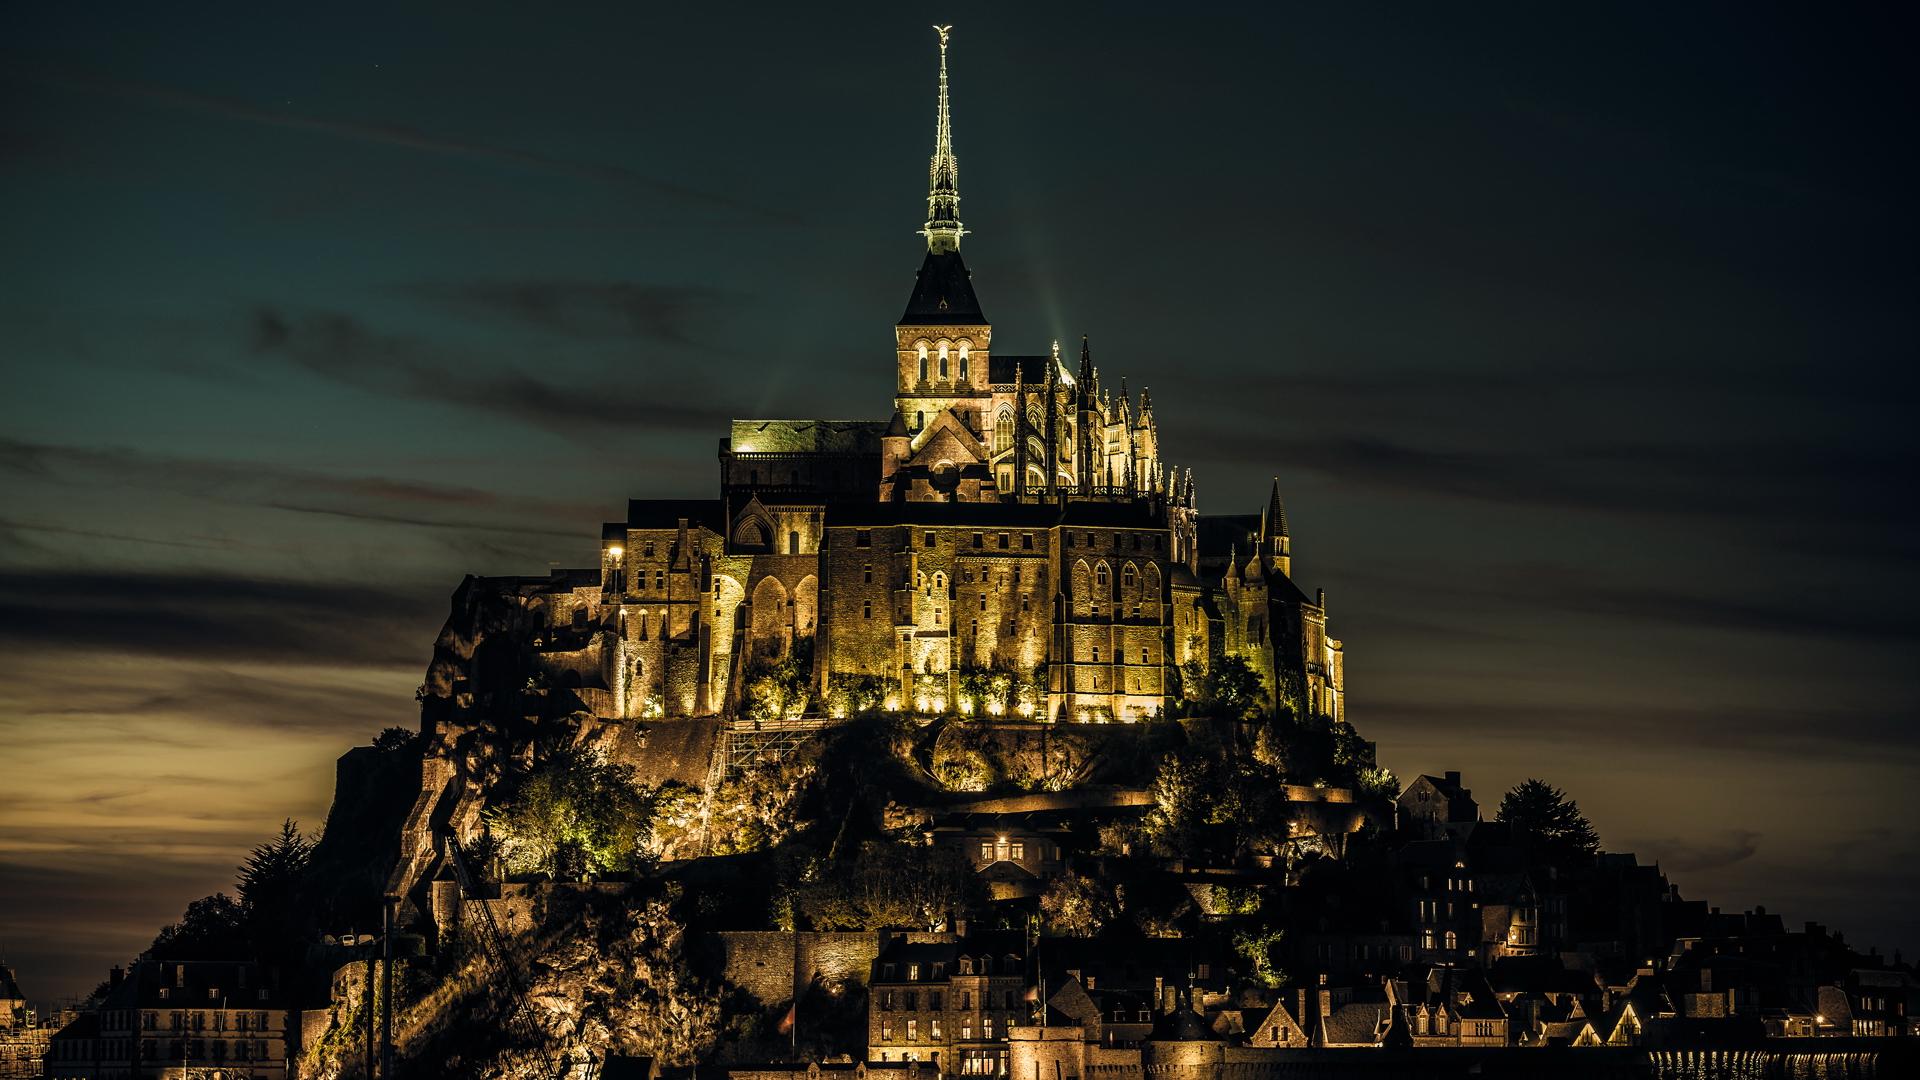 Замок ночью обои на рабочий стол